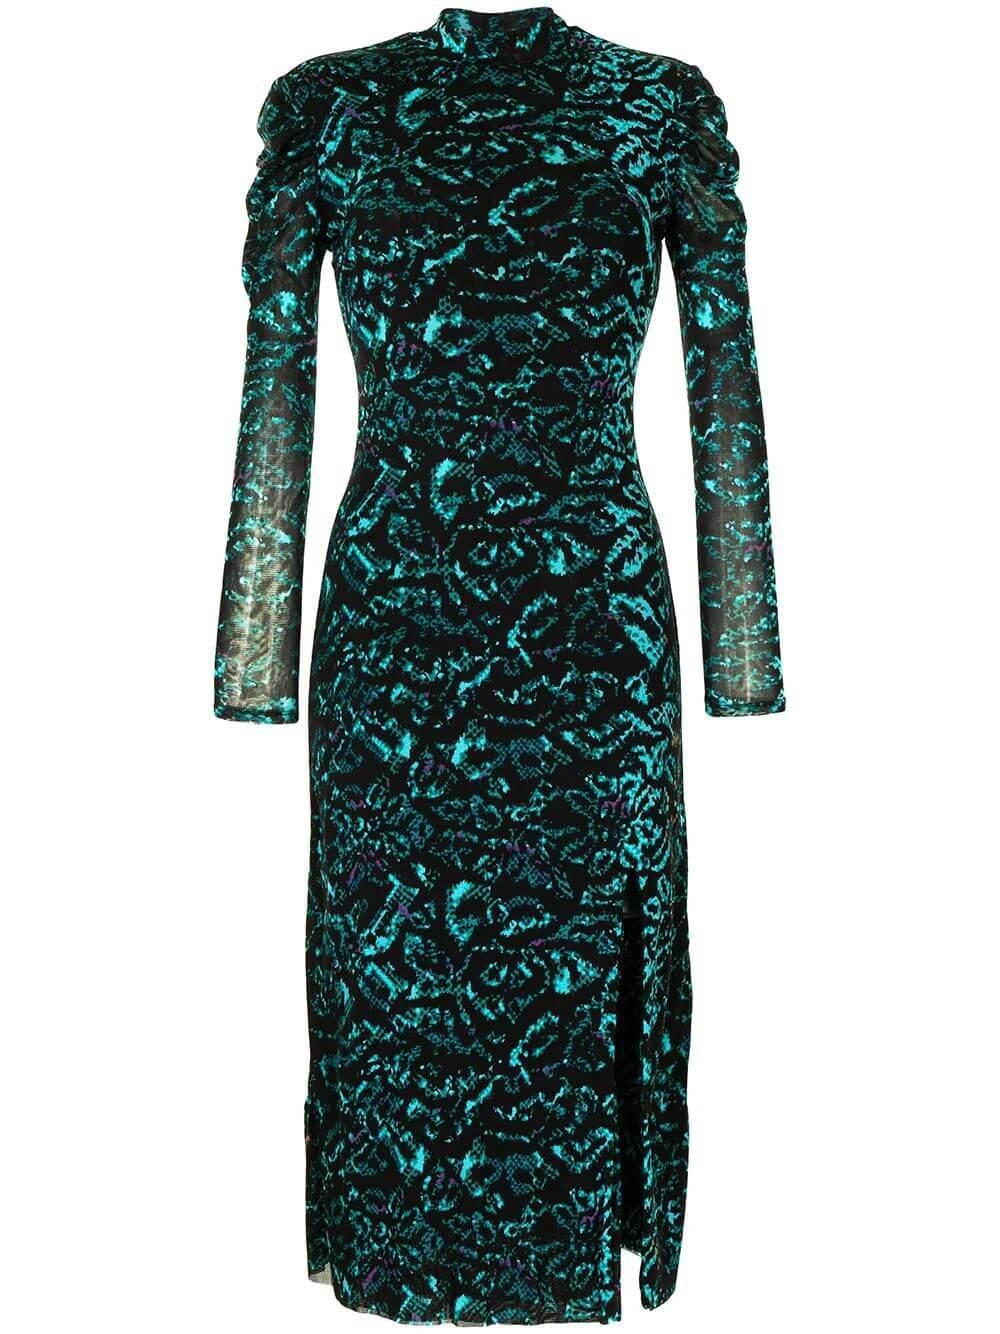 Sandra Midi Dress Item # DL4O036